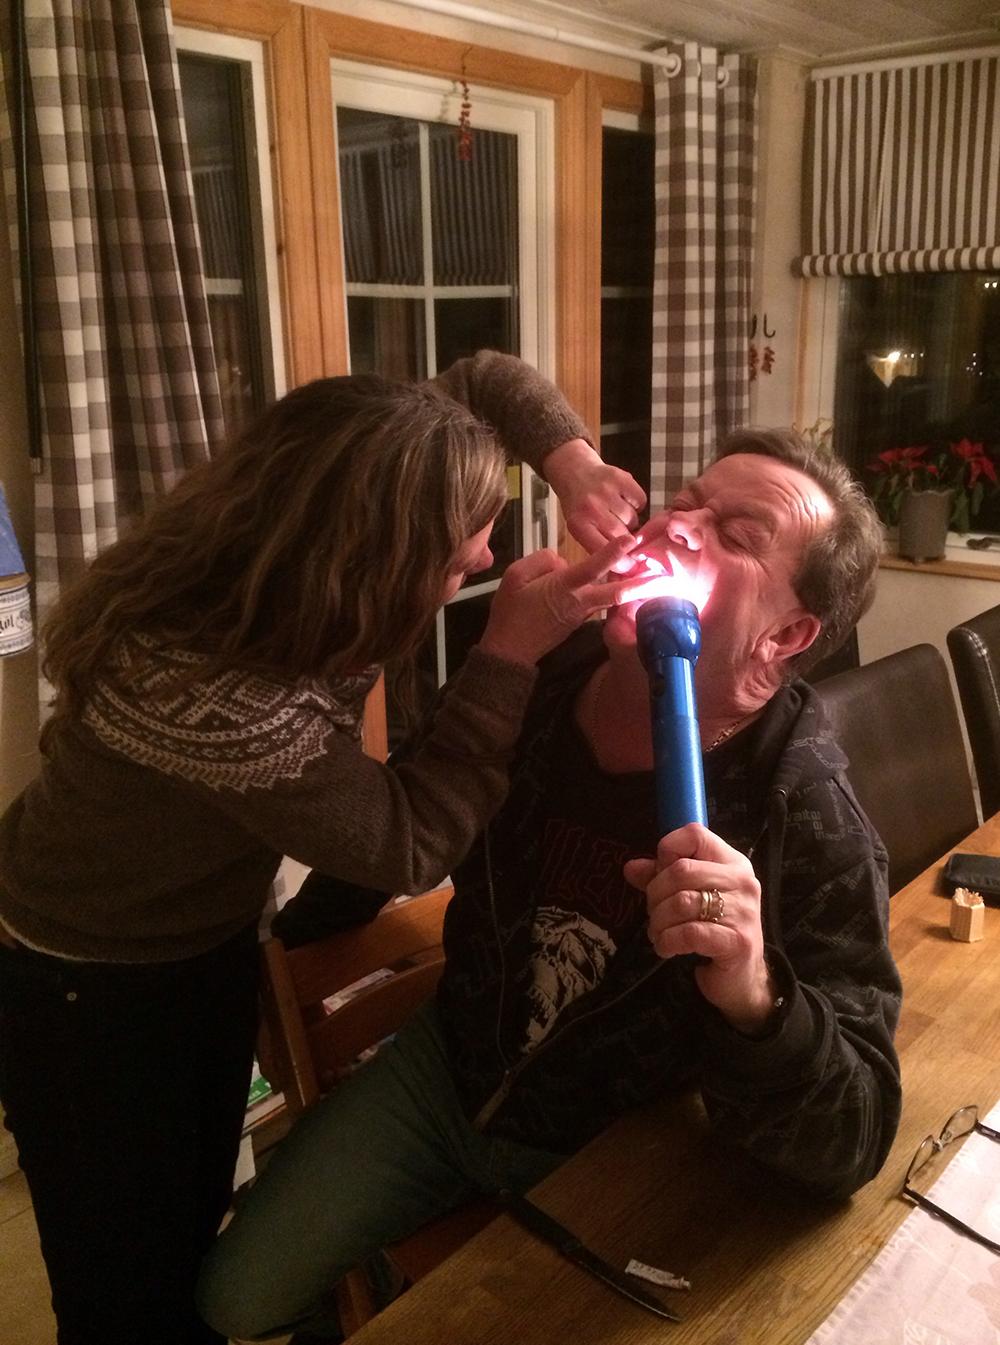 Både Marie och Anders var i stort behov av min hjälp. Mobil tandvård en sen fredagskväll kan inte alltid utföras lika ergonomiskt och proffsigt…